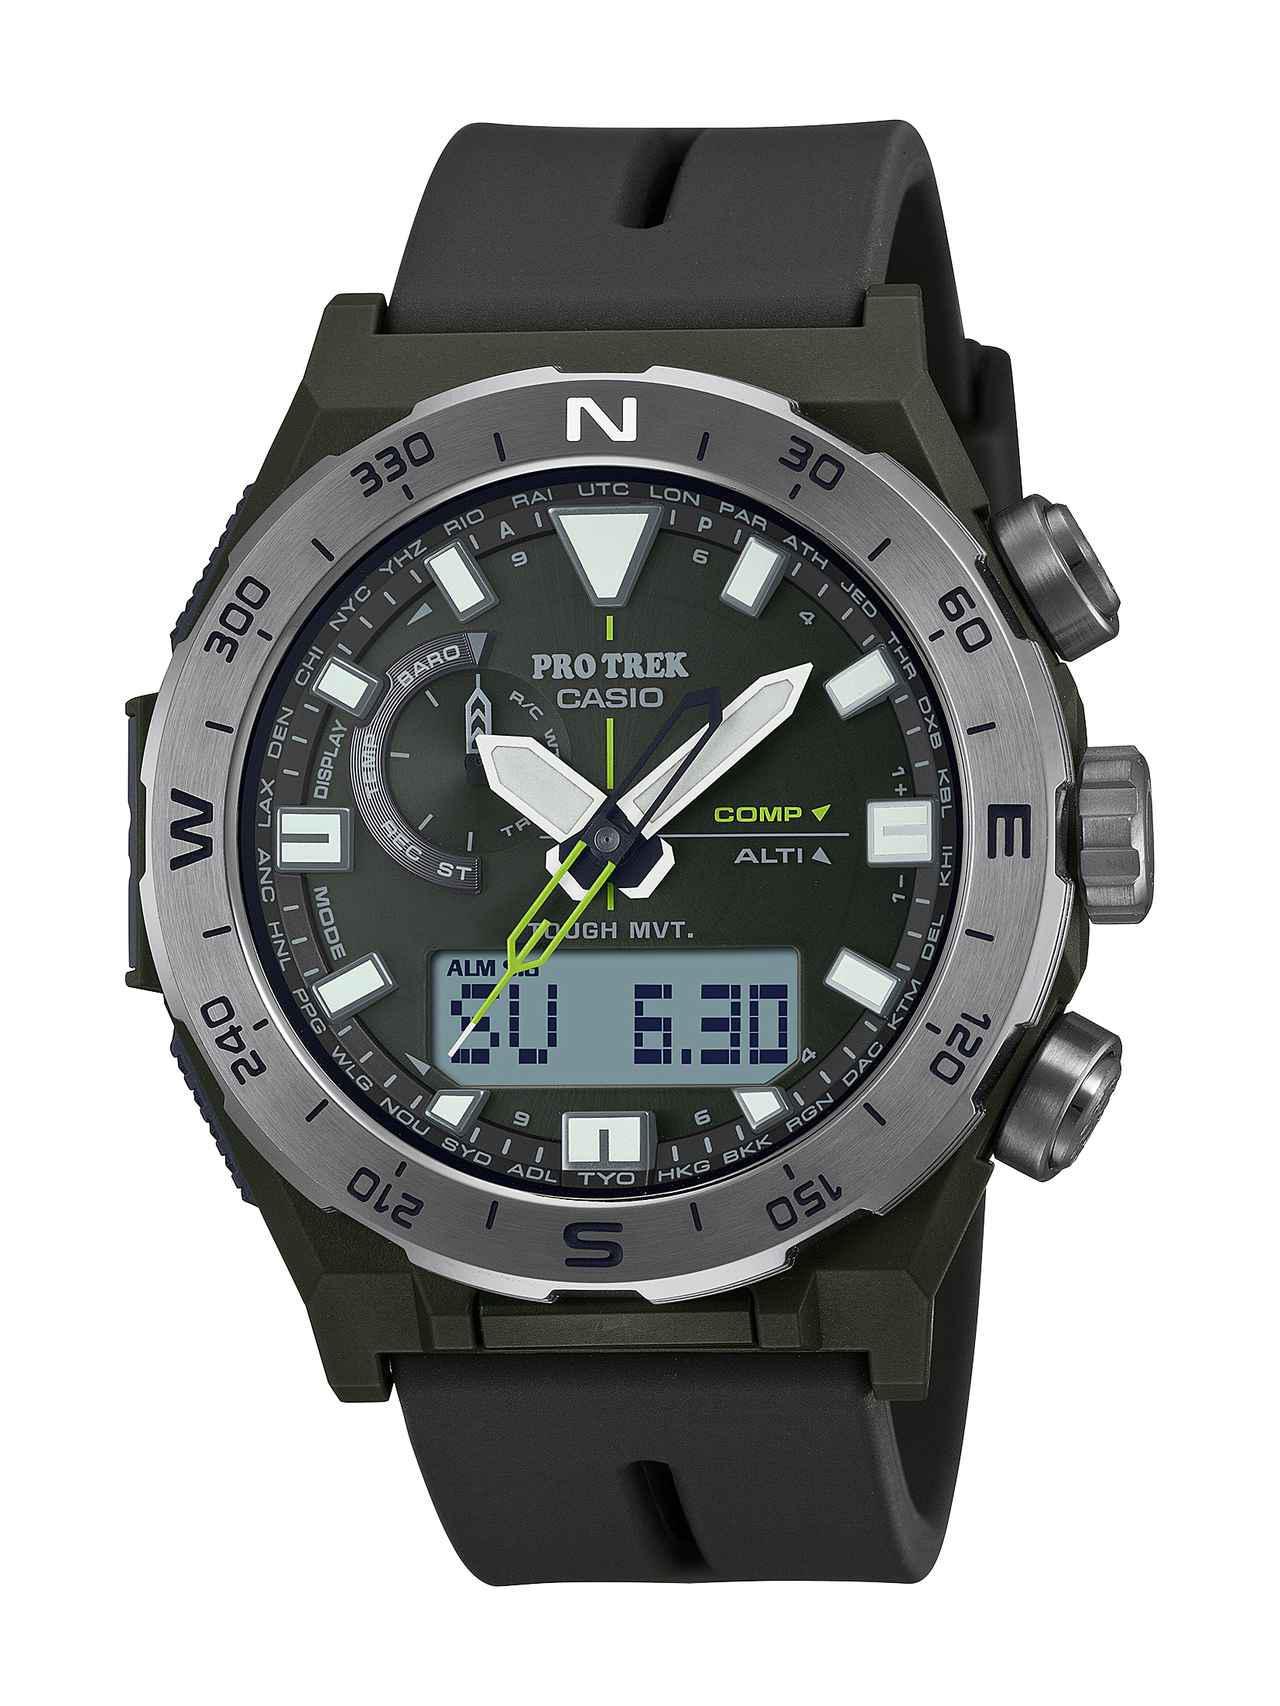 画像5: 方位計測機能に特化したプロトレックの腕時計が新登場! 回転ベゼルを採用、紙の地図との併用を想定した旅するハイテクウォッチ